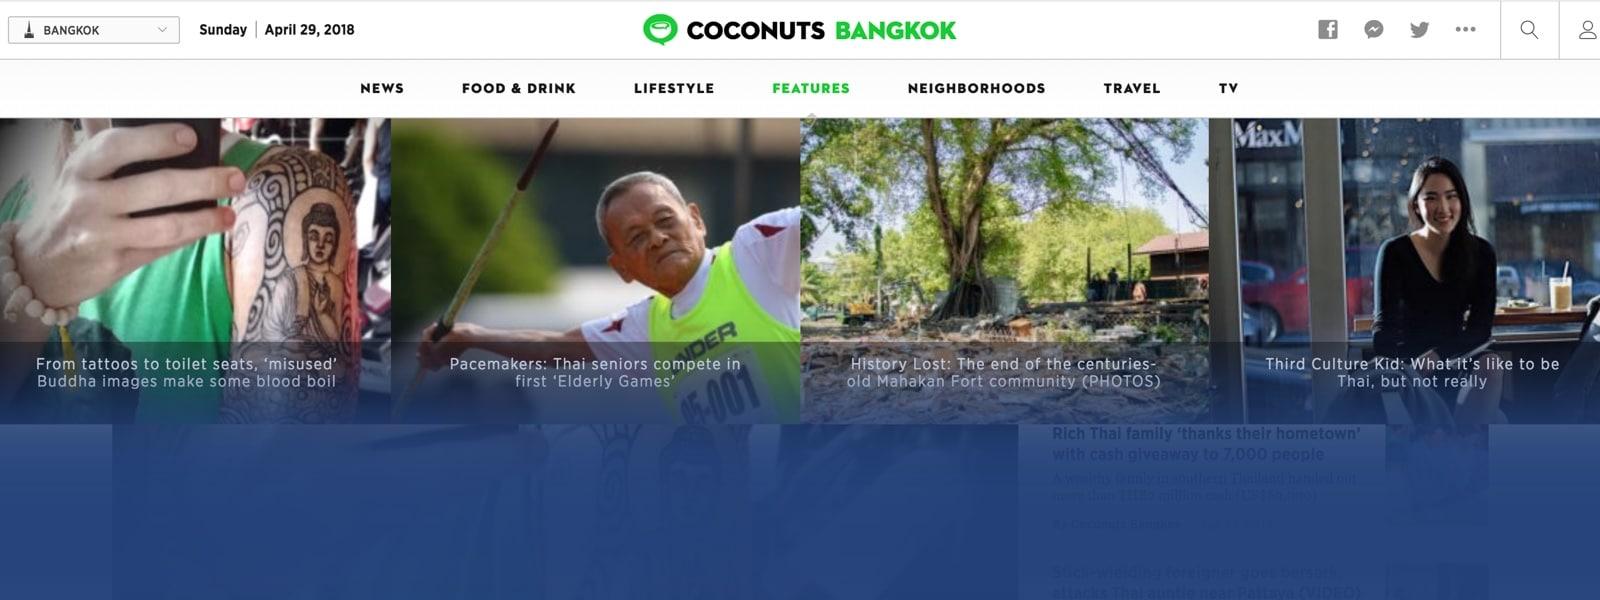 Case-study ของ Coconut สื่อตะวันตกเนื้อหาฝั่งเอเชีย กับการหันมามอง Reader Payment